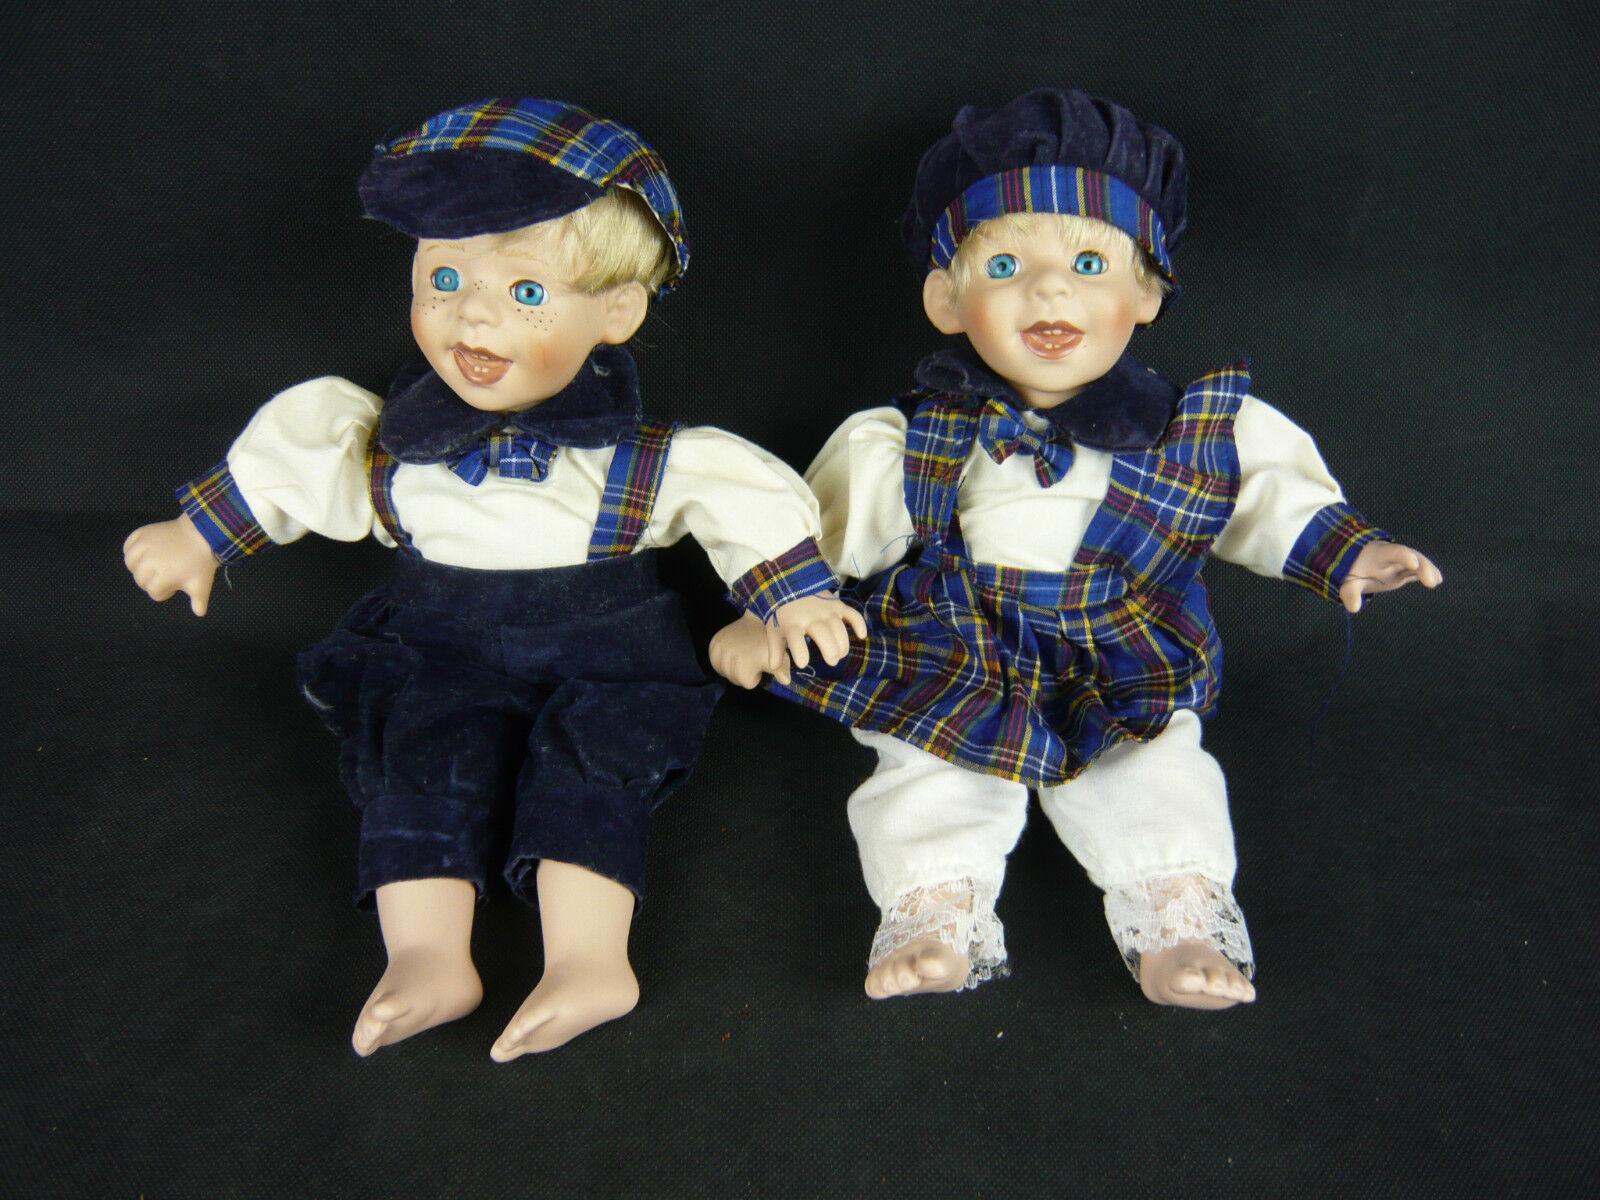 2 Bambole Bambole Bambole Porcellana da Collezione Bambole Ragazzo e Ragazza 9509 PORCELAIN bambolaS Boy Girl 5cd9ff